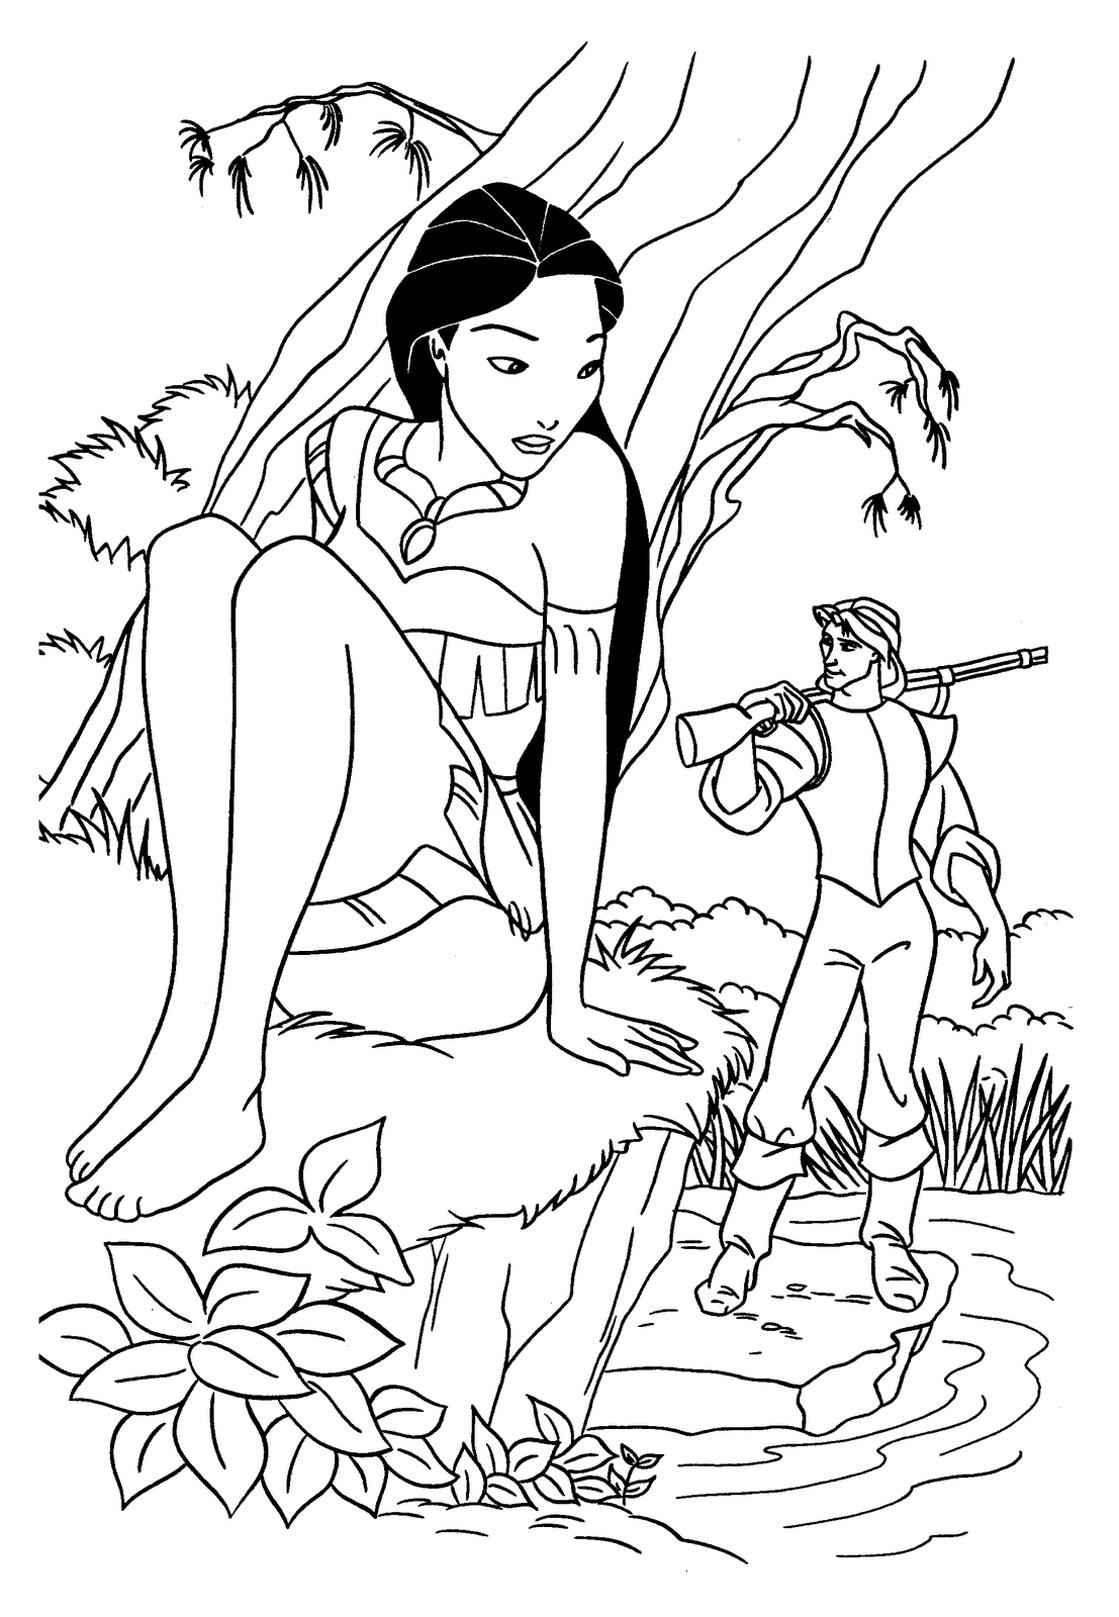 Coloriage De Pocahontas À Imprimer - Coloriage Pocahontas encequiconcerne Dessins Acolorier